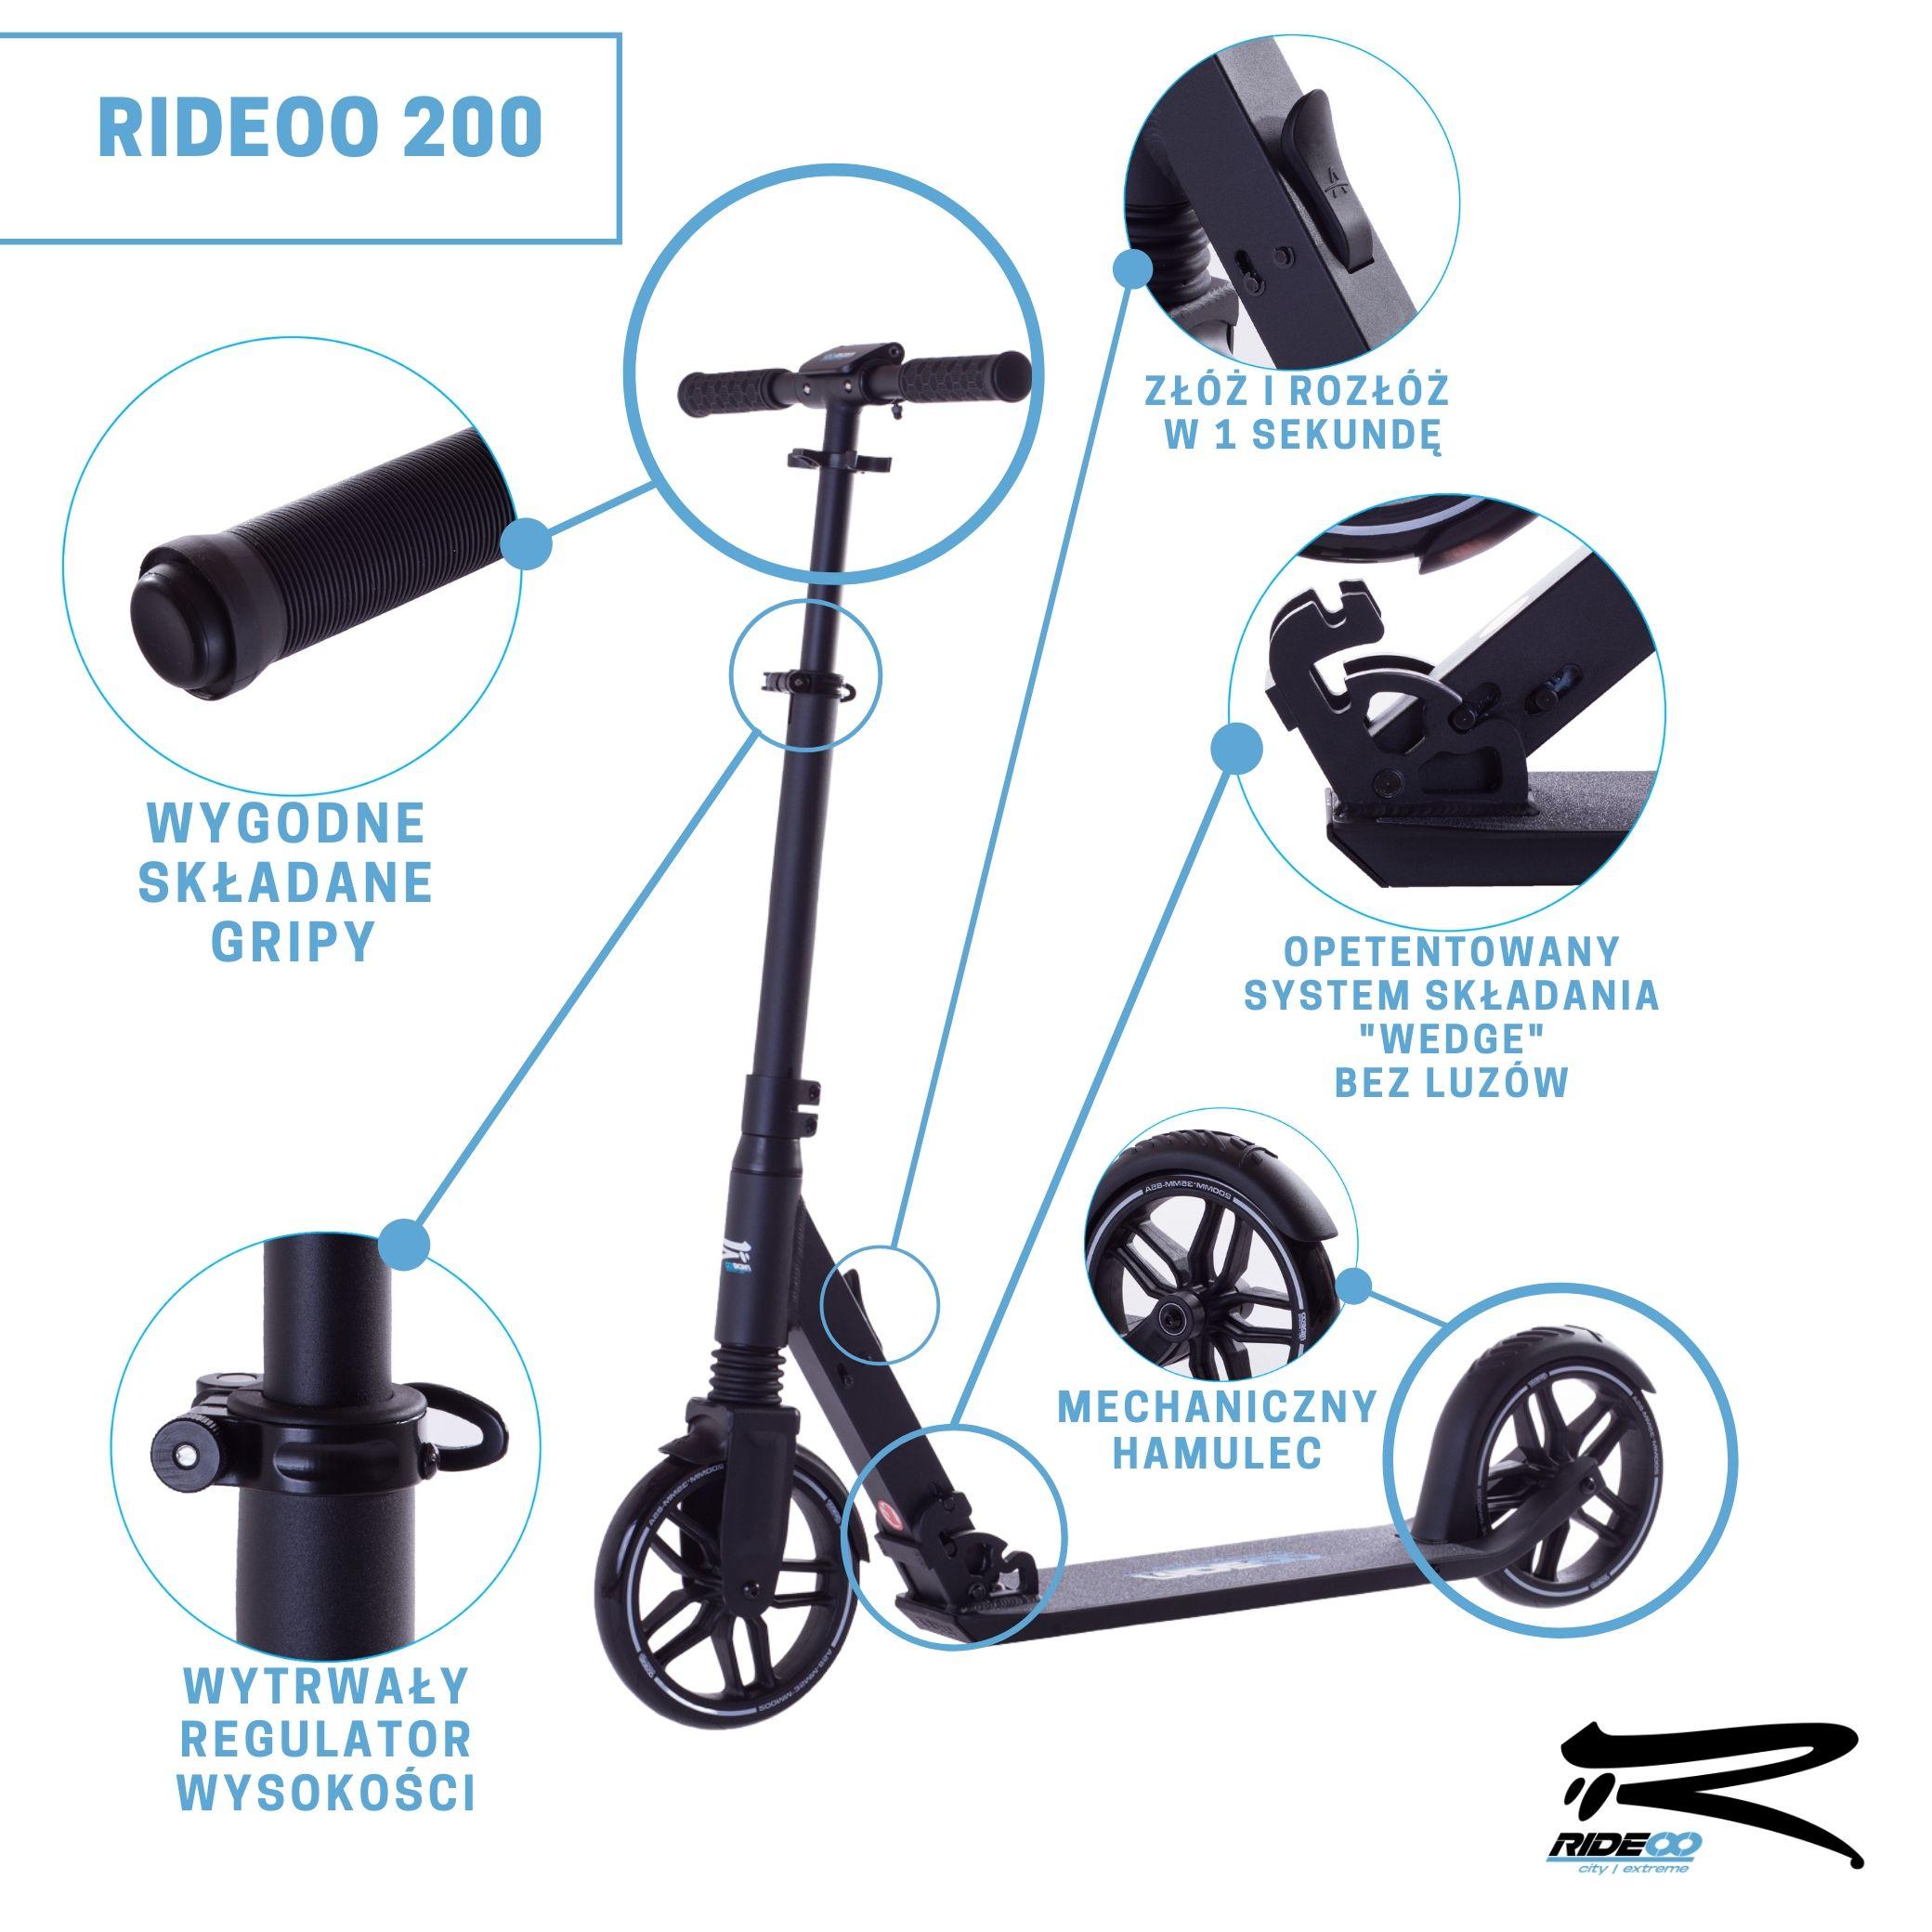 Rideoo 200